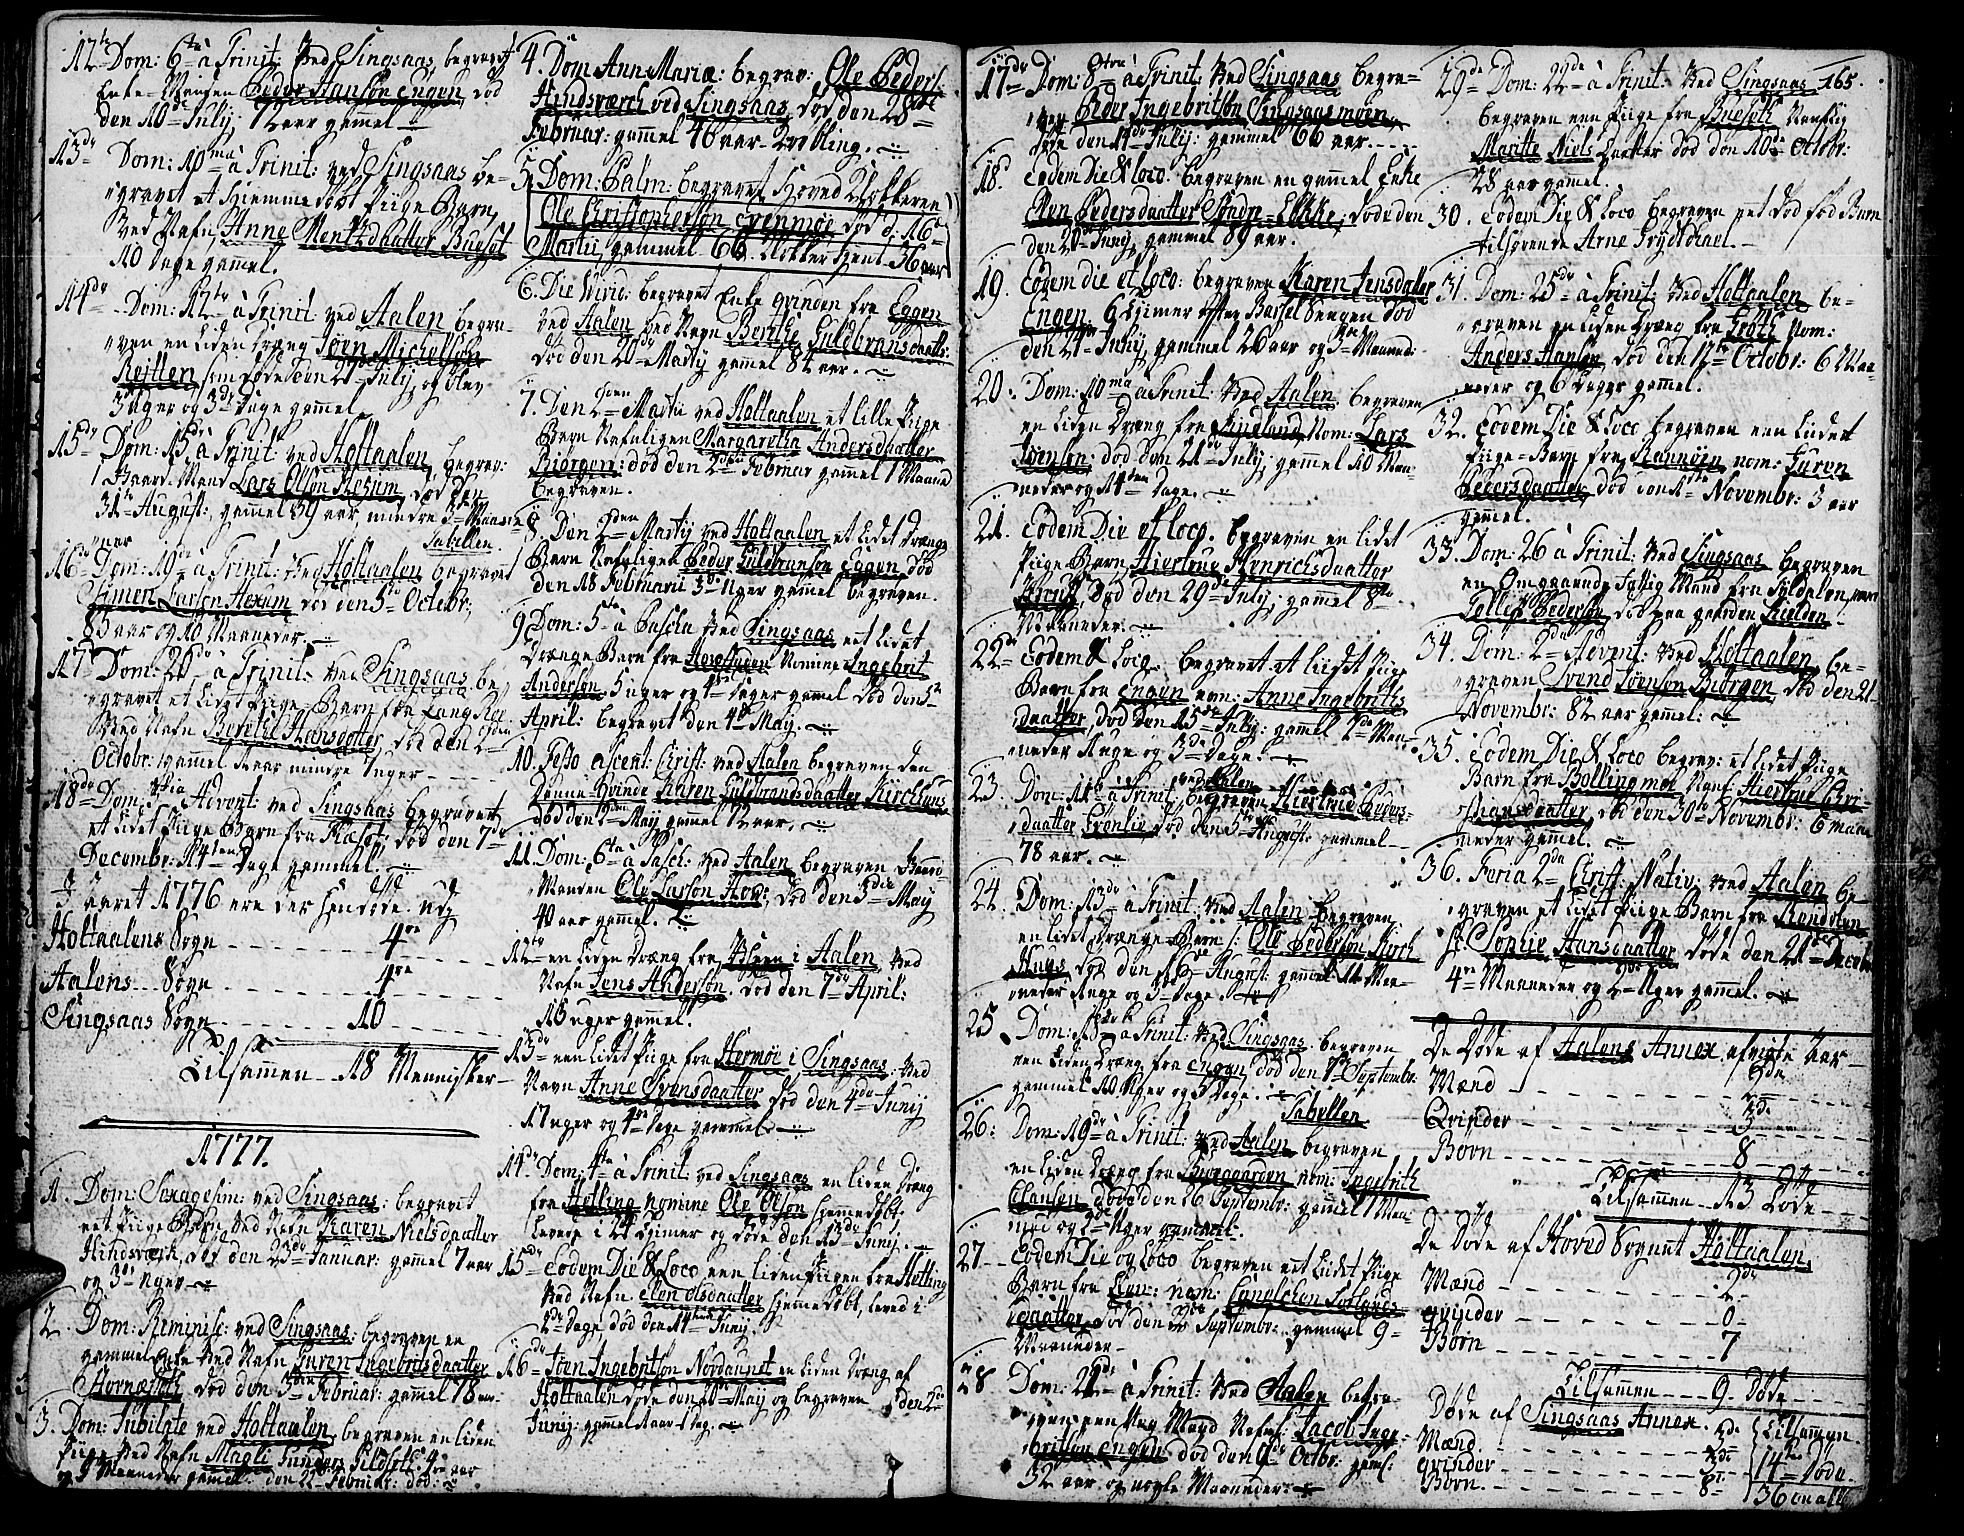 SAT, Ministerialprotokoller, klokkerbøker og fødselsregistre - Sør-Trøndelag, 685/L0952: Ministerialbok nr. 685A01, 1745-1804, s. 165